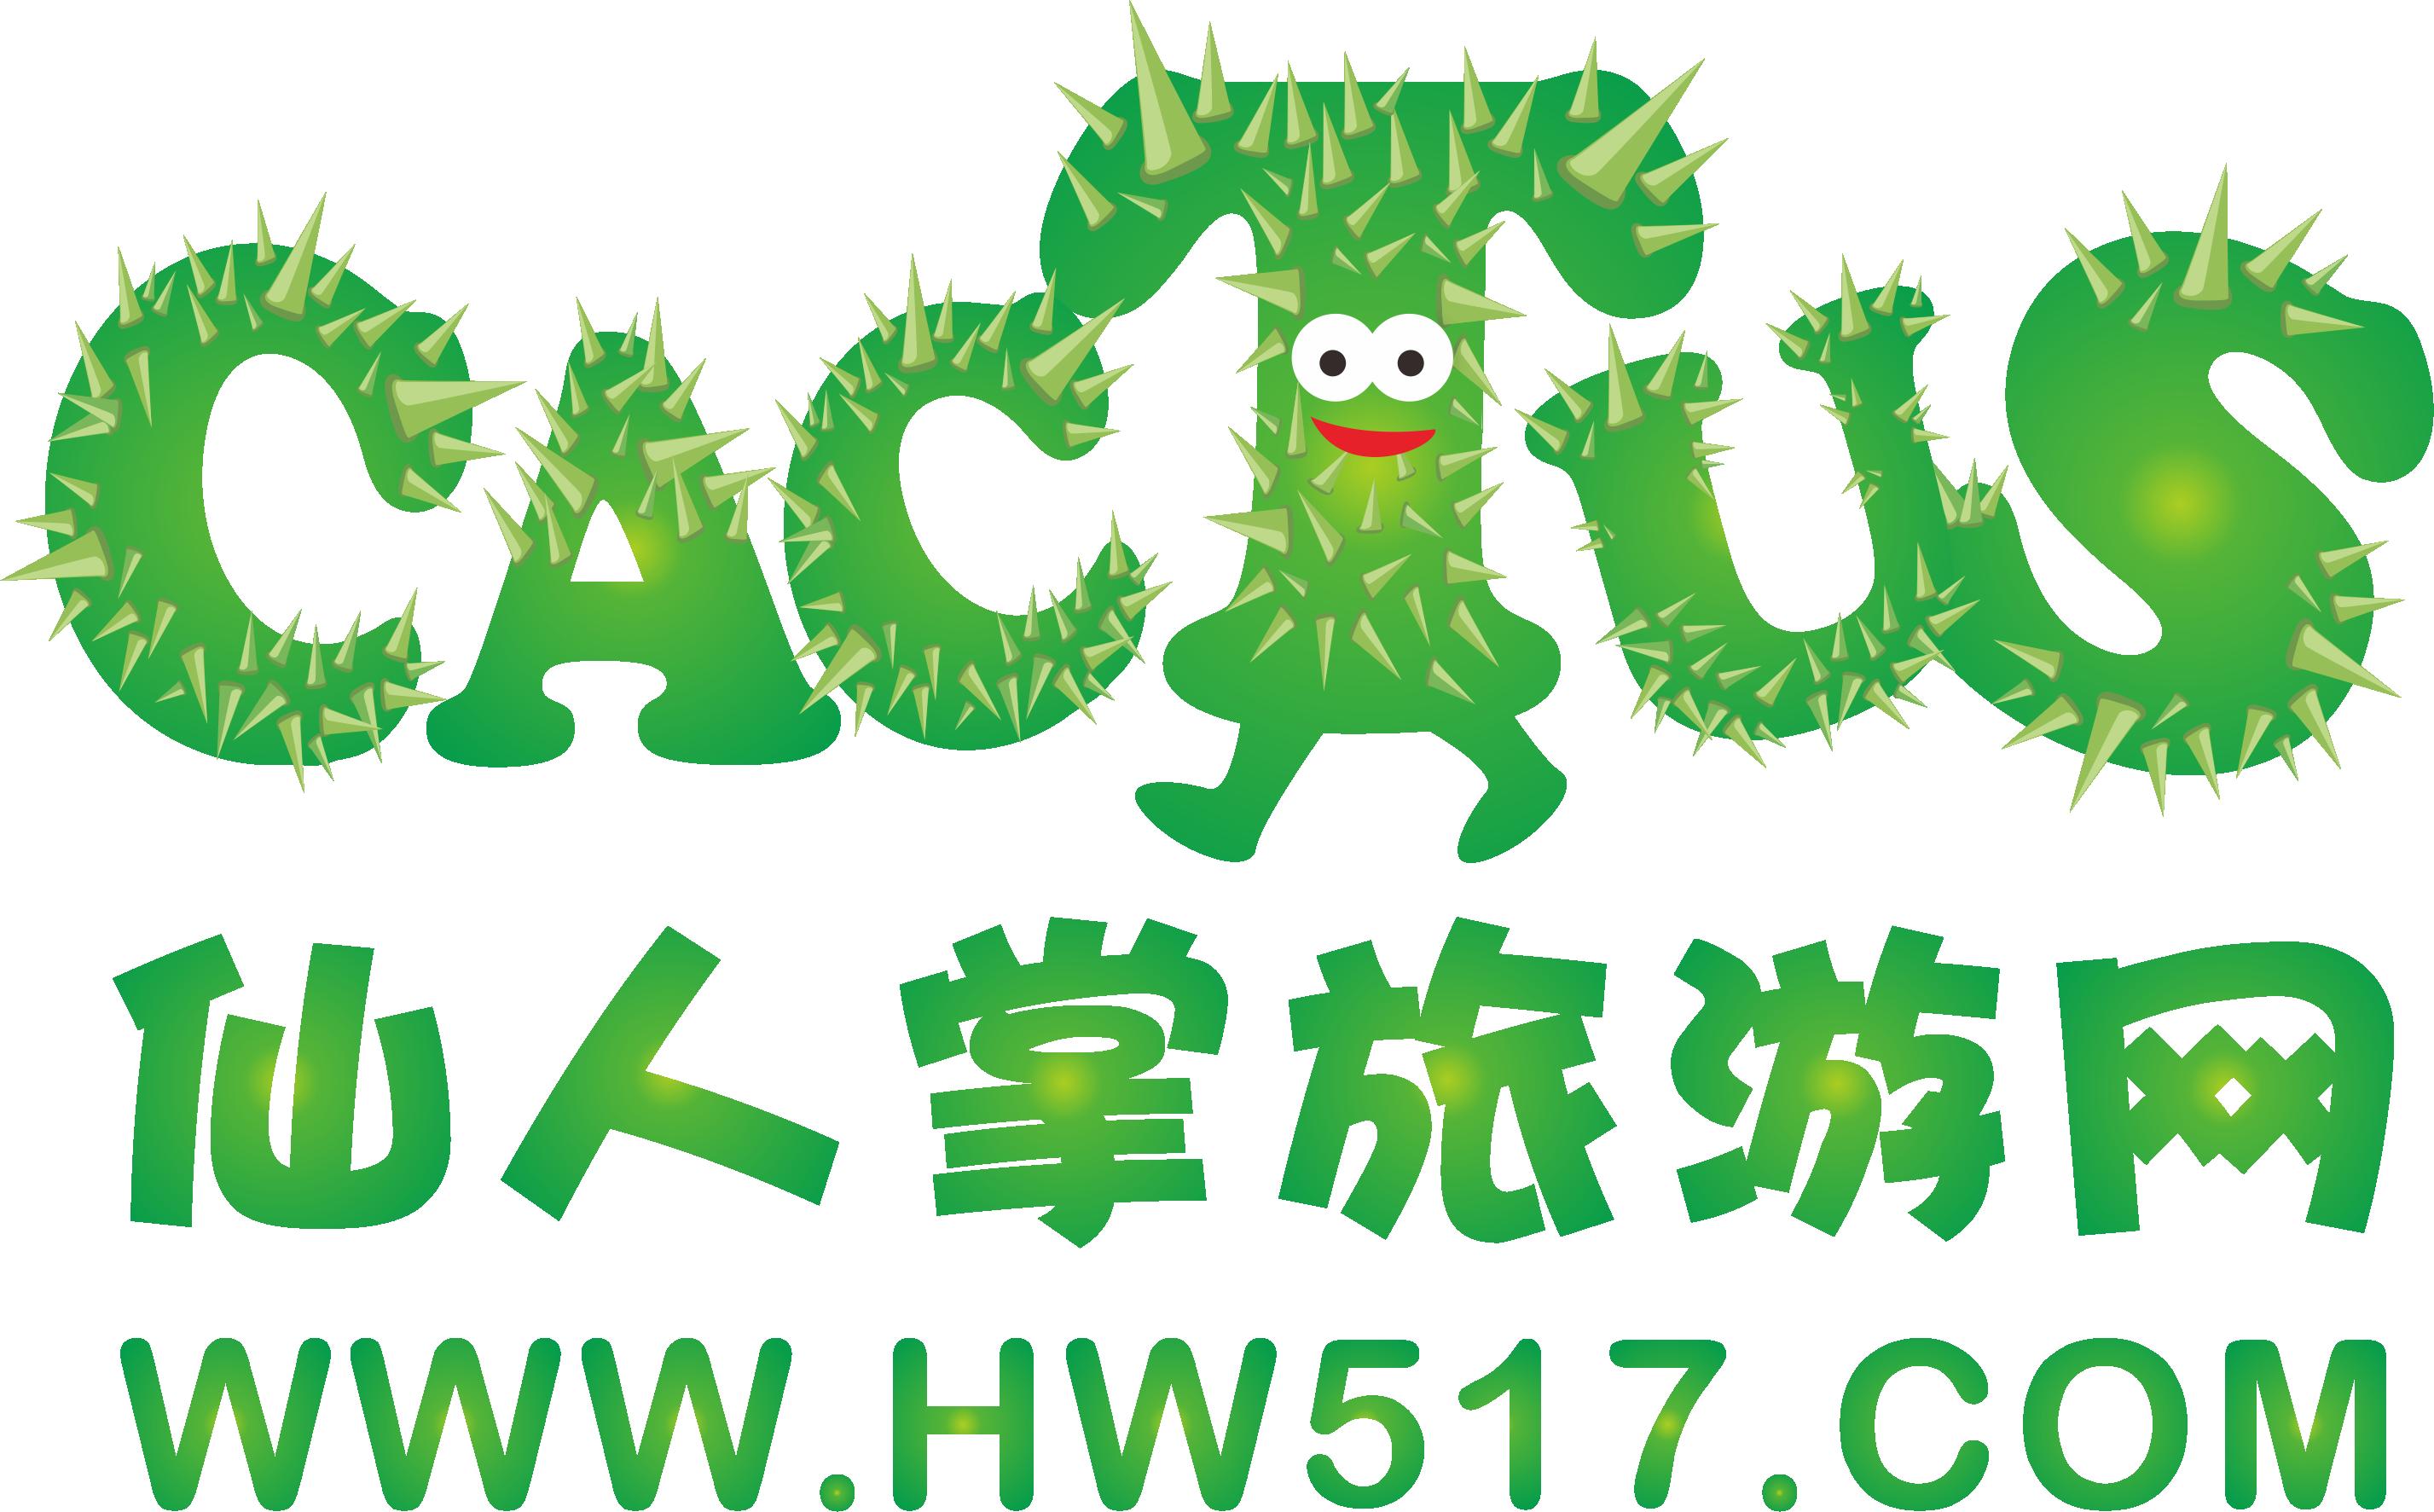 【新春·尊享】厦门◆翔鹭国际大酒店/丽斯海景酒店2晚3自由行